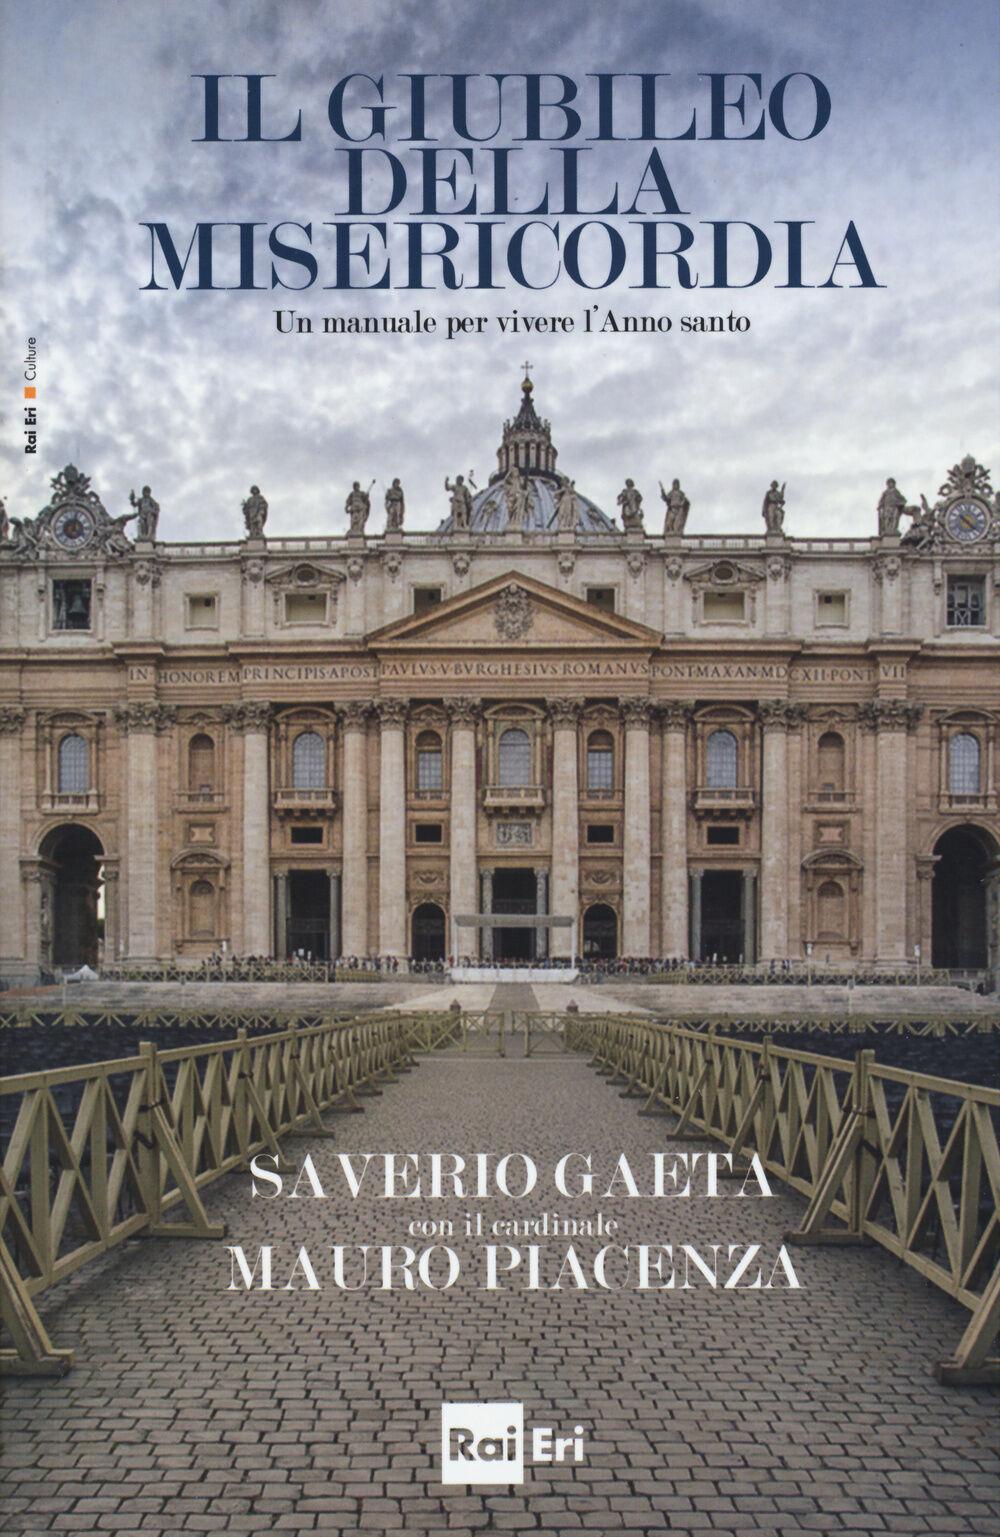 Il giubileo della misericordia. Un manuale per vivere l'anno santo